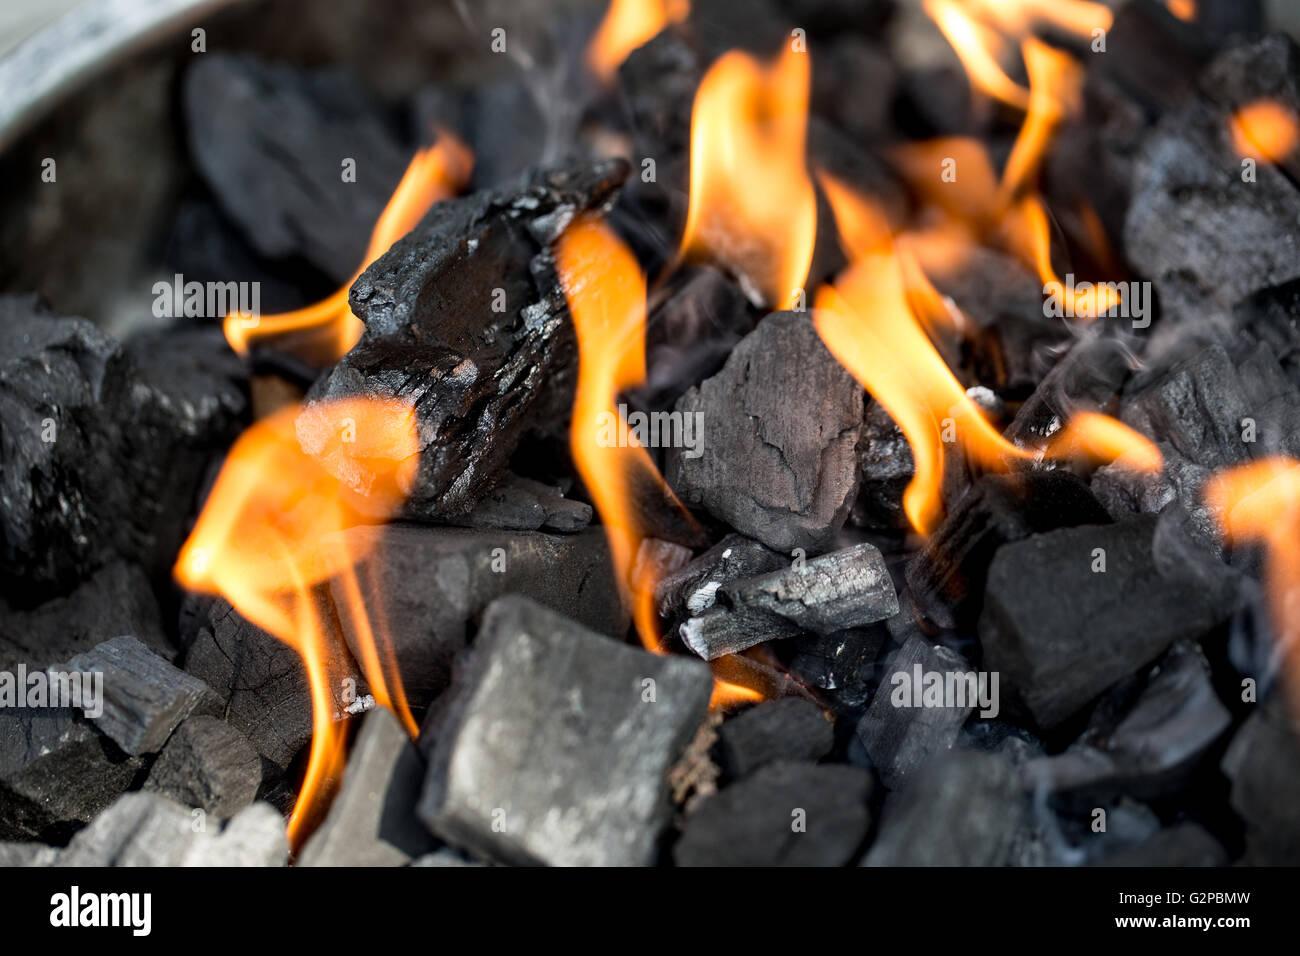 Holzkohle zum Grillen mit leuchtend orangefarbenen Flammen entzünden ...